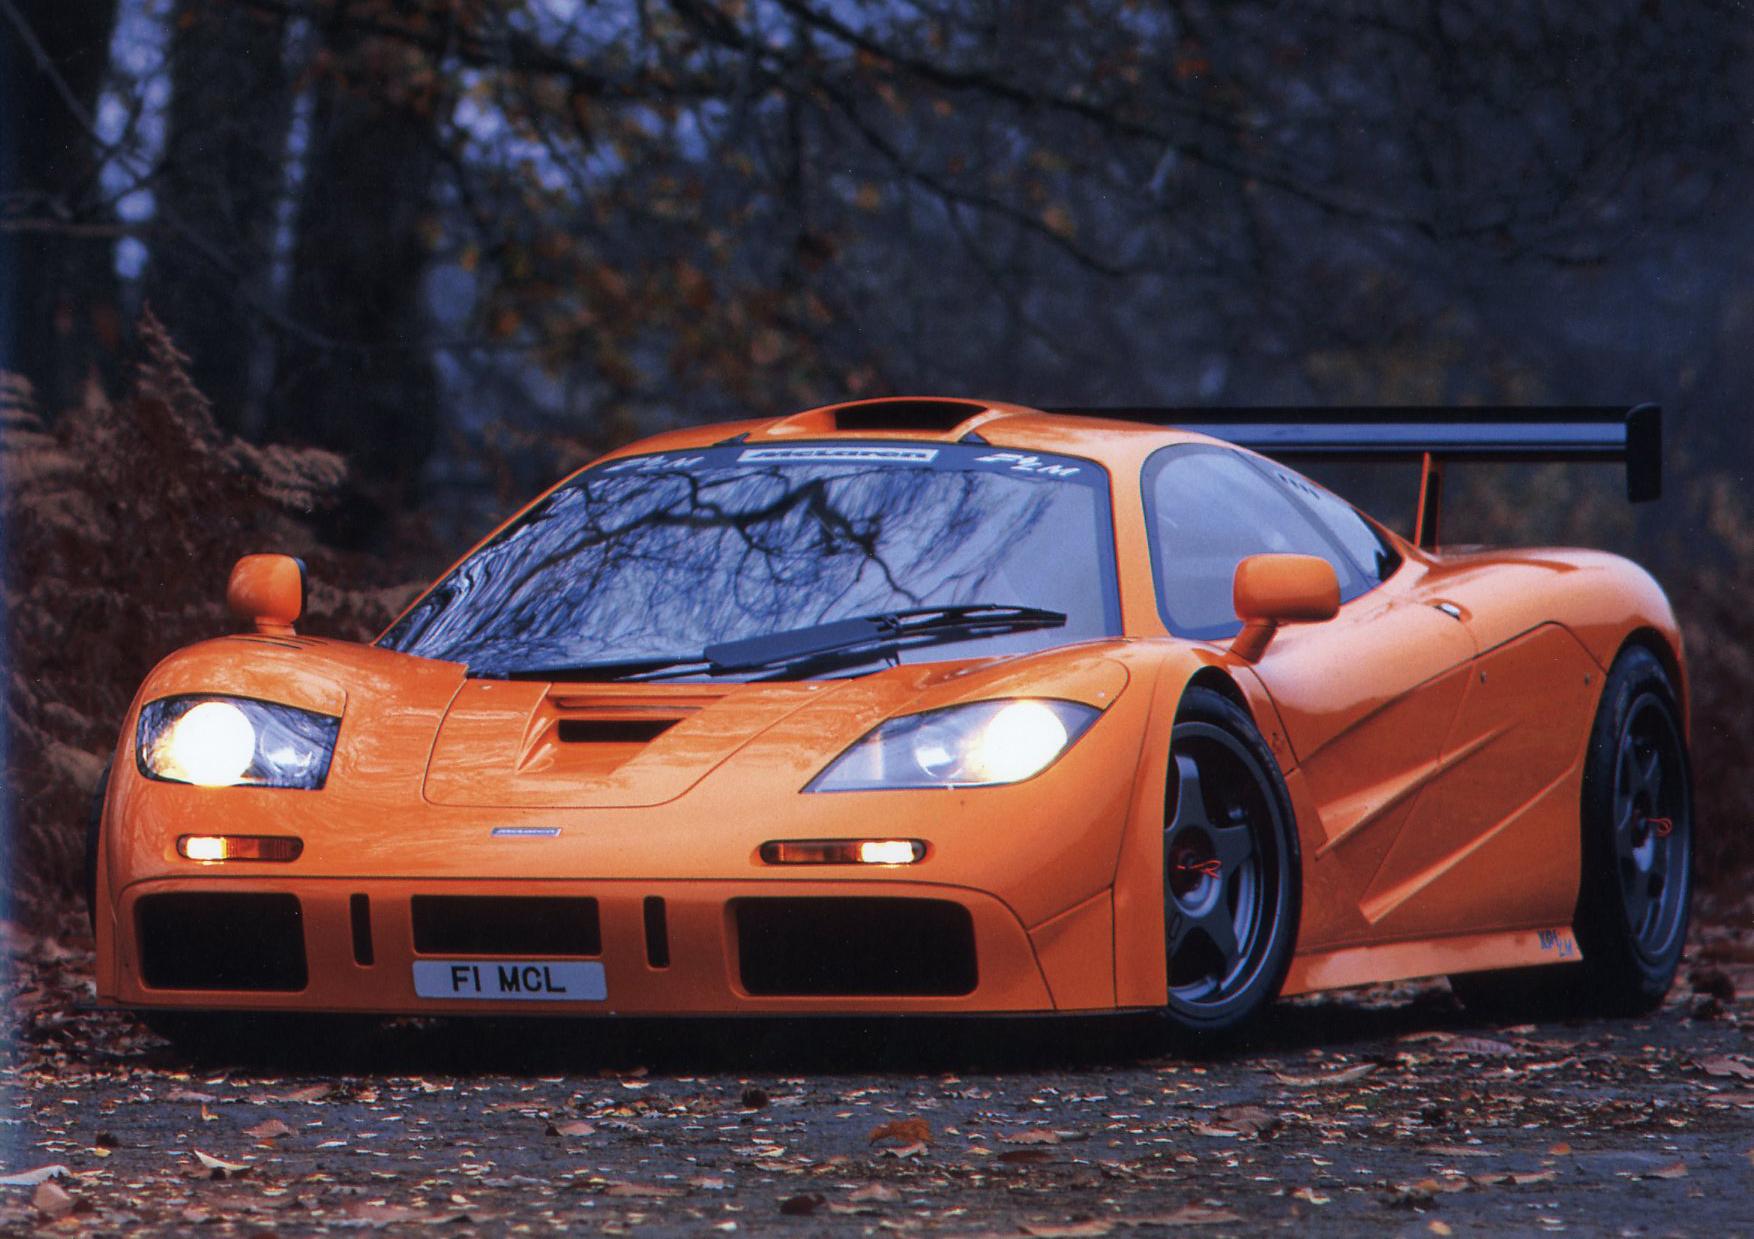 La historia se repite: BMW y McLaren unen fuerzas para un nuevo motor